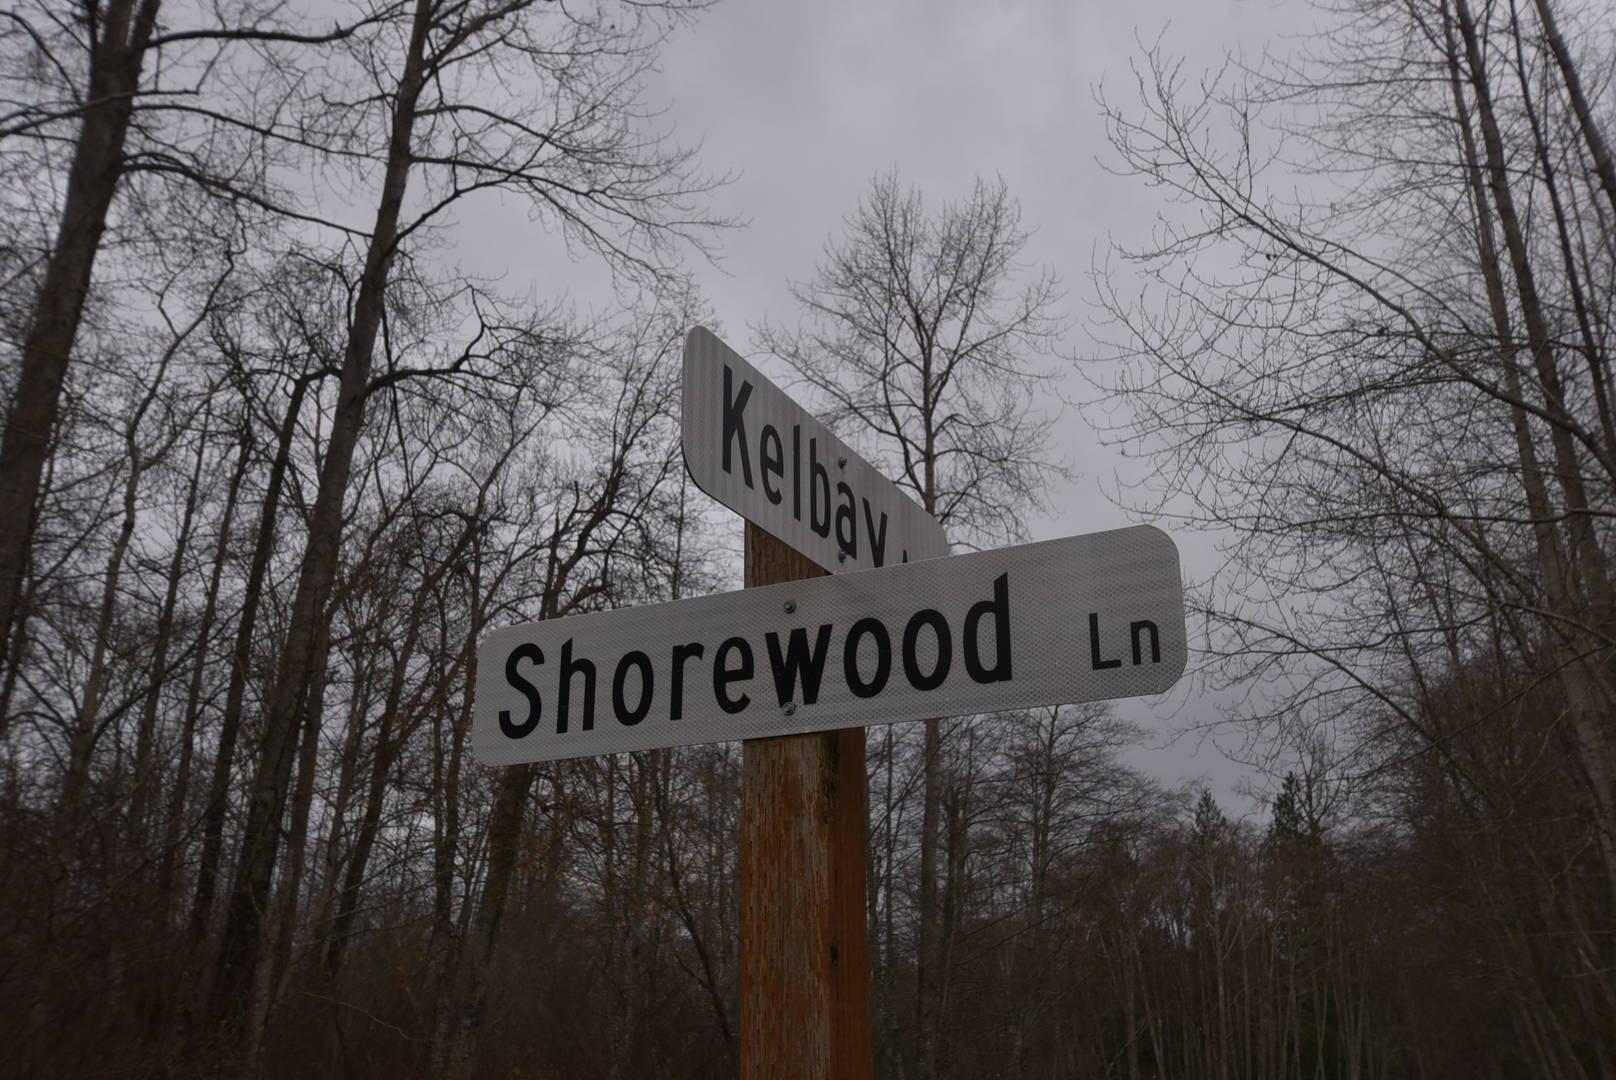 Lots 4-5 Shorewood Lane Bellingham, WA 98226